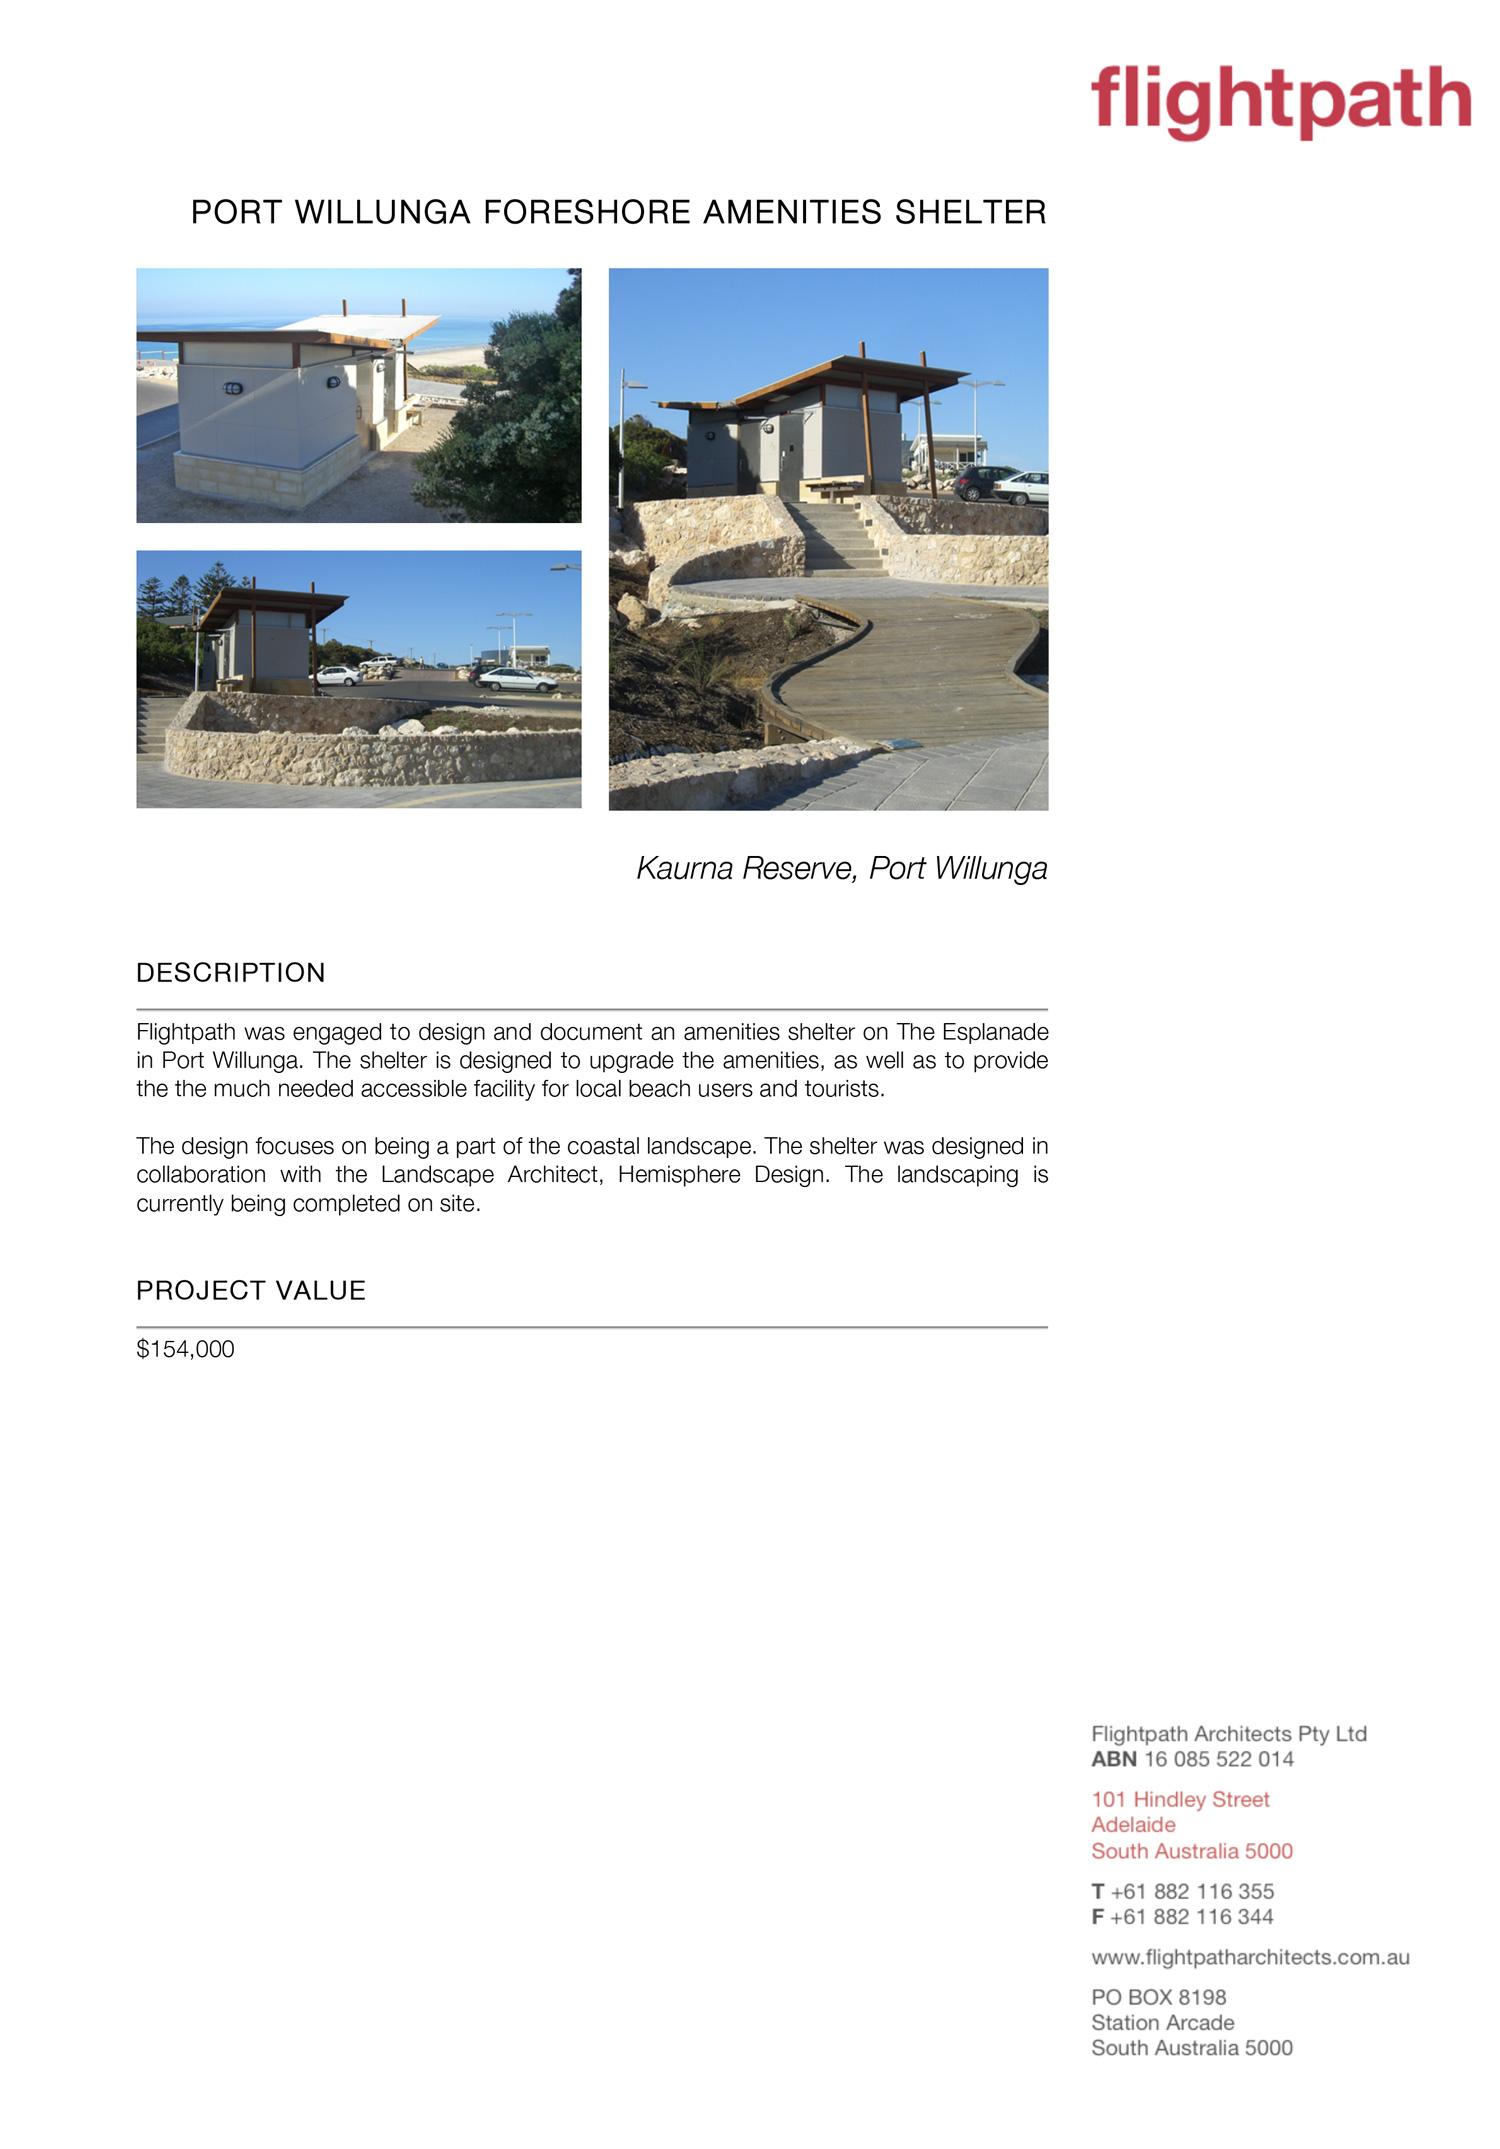 2005 Port Willunga Foreshore Amenities Shelter